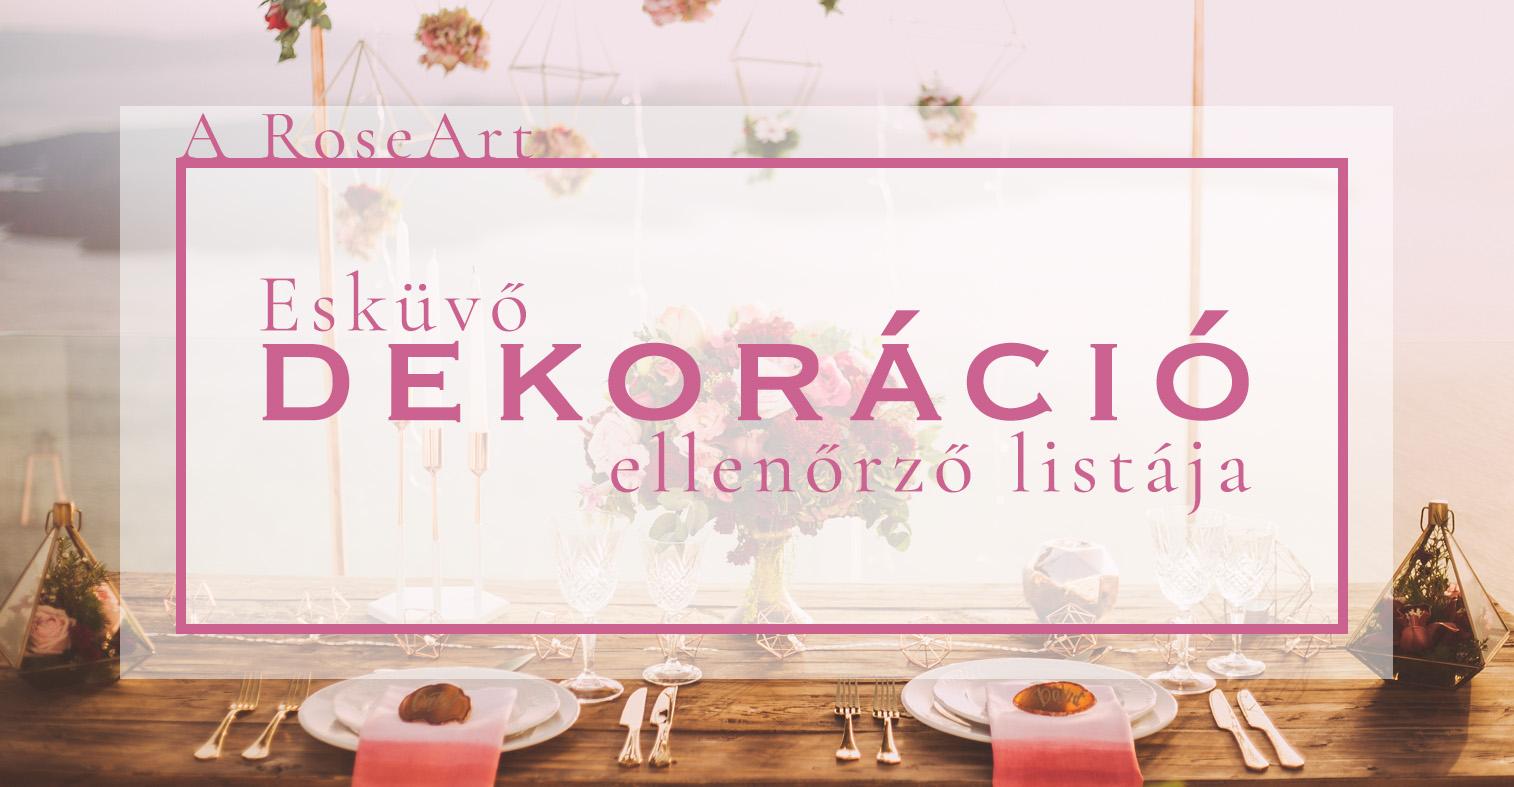 RoseArt Esküvő dekoráció ellenőrző lista